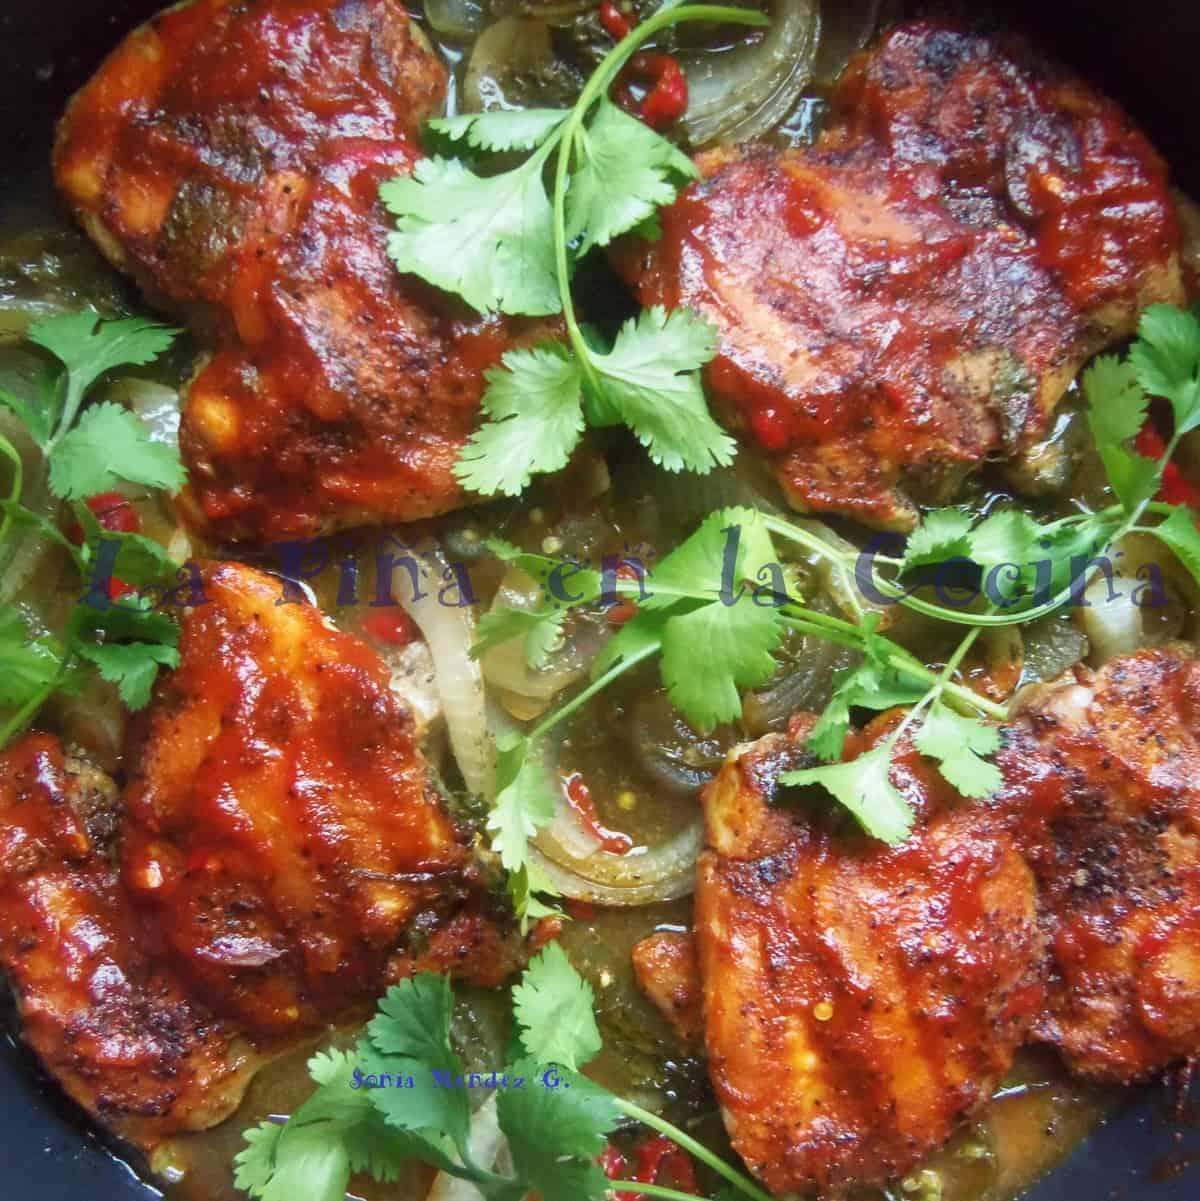 Spicy Mango Barbeque Chicken Garnished with Fresh Cilantro